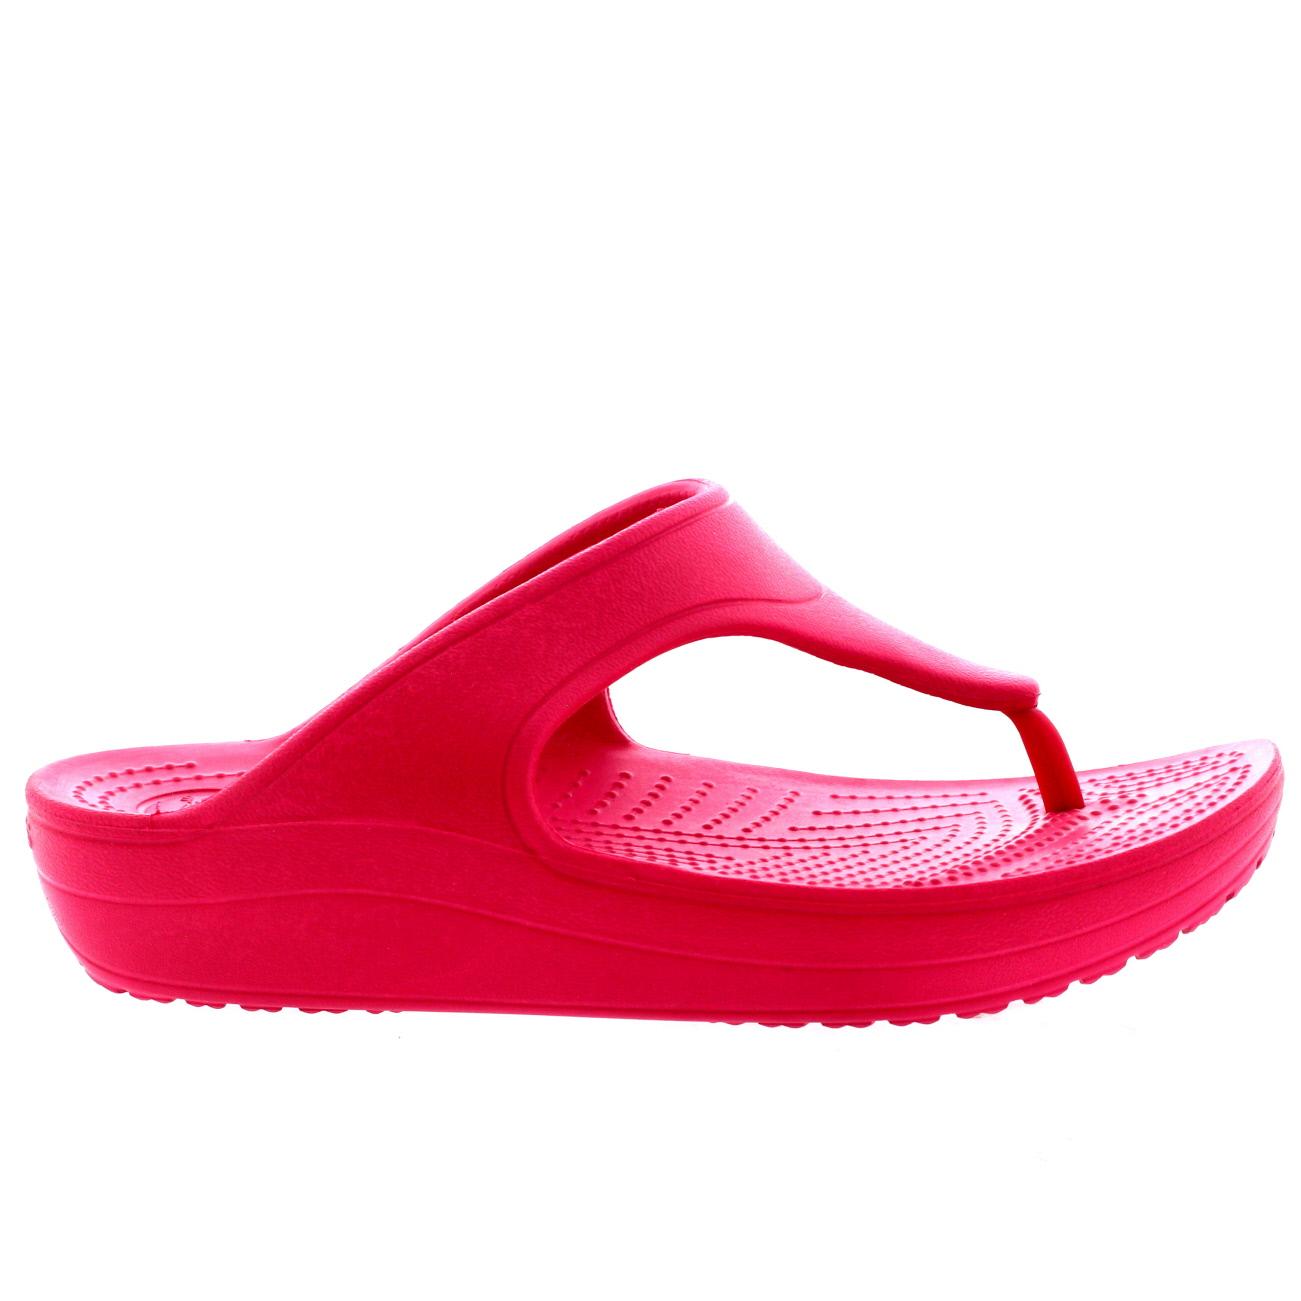 Ebay Red Platform Shoes